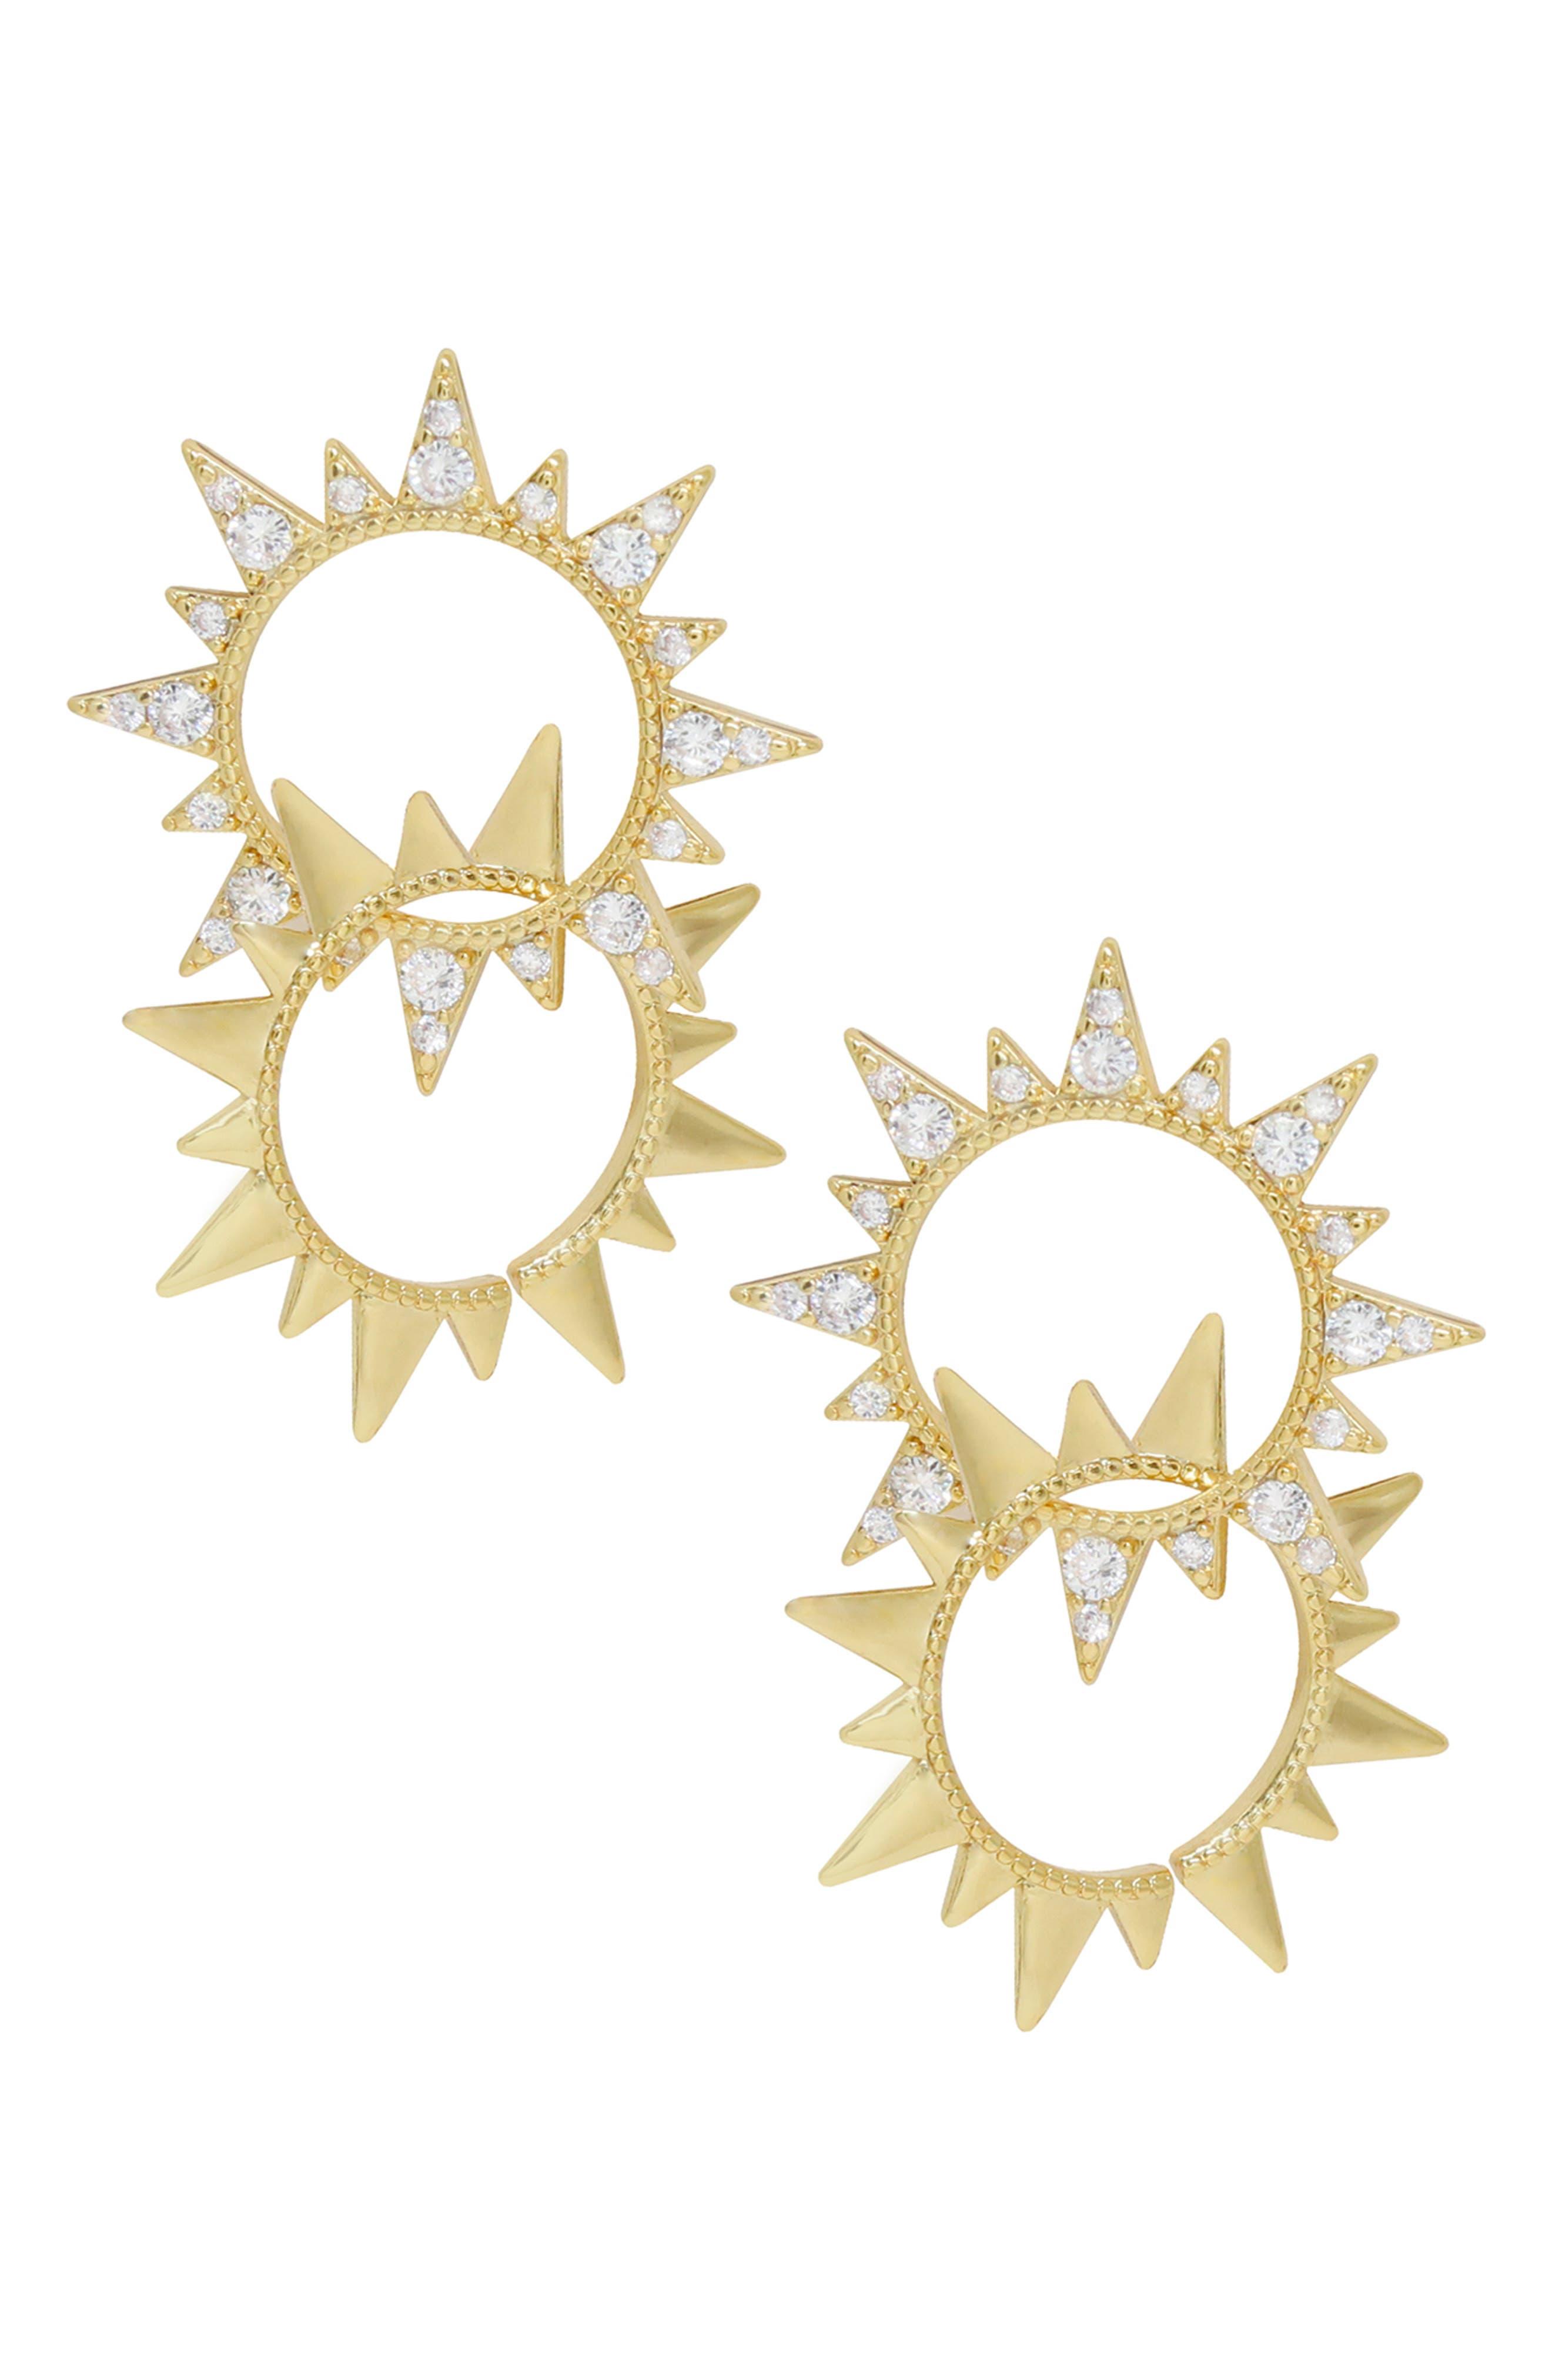 Double Sunburst Earrings